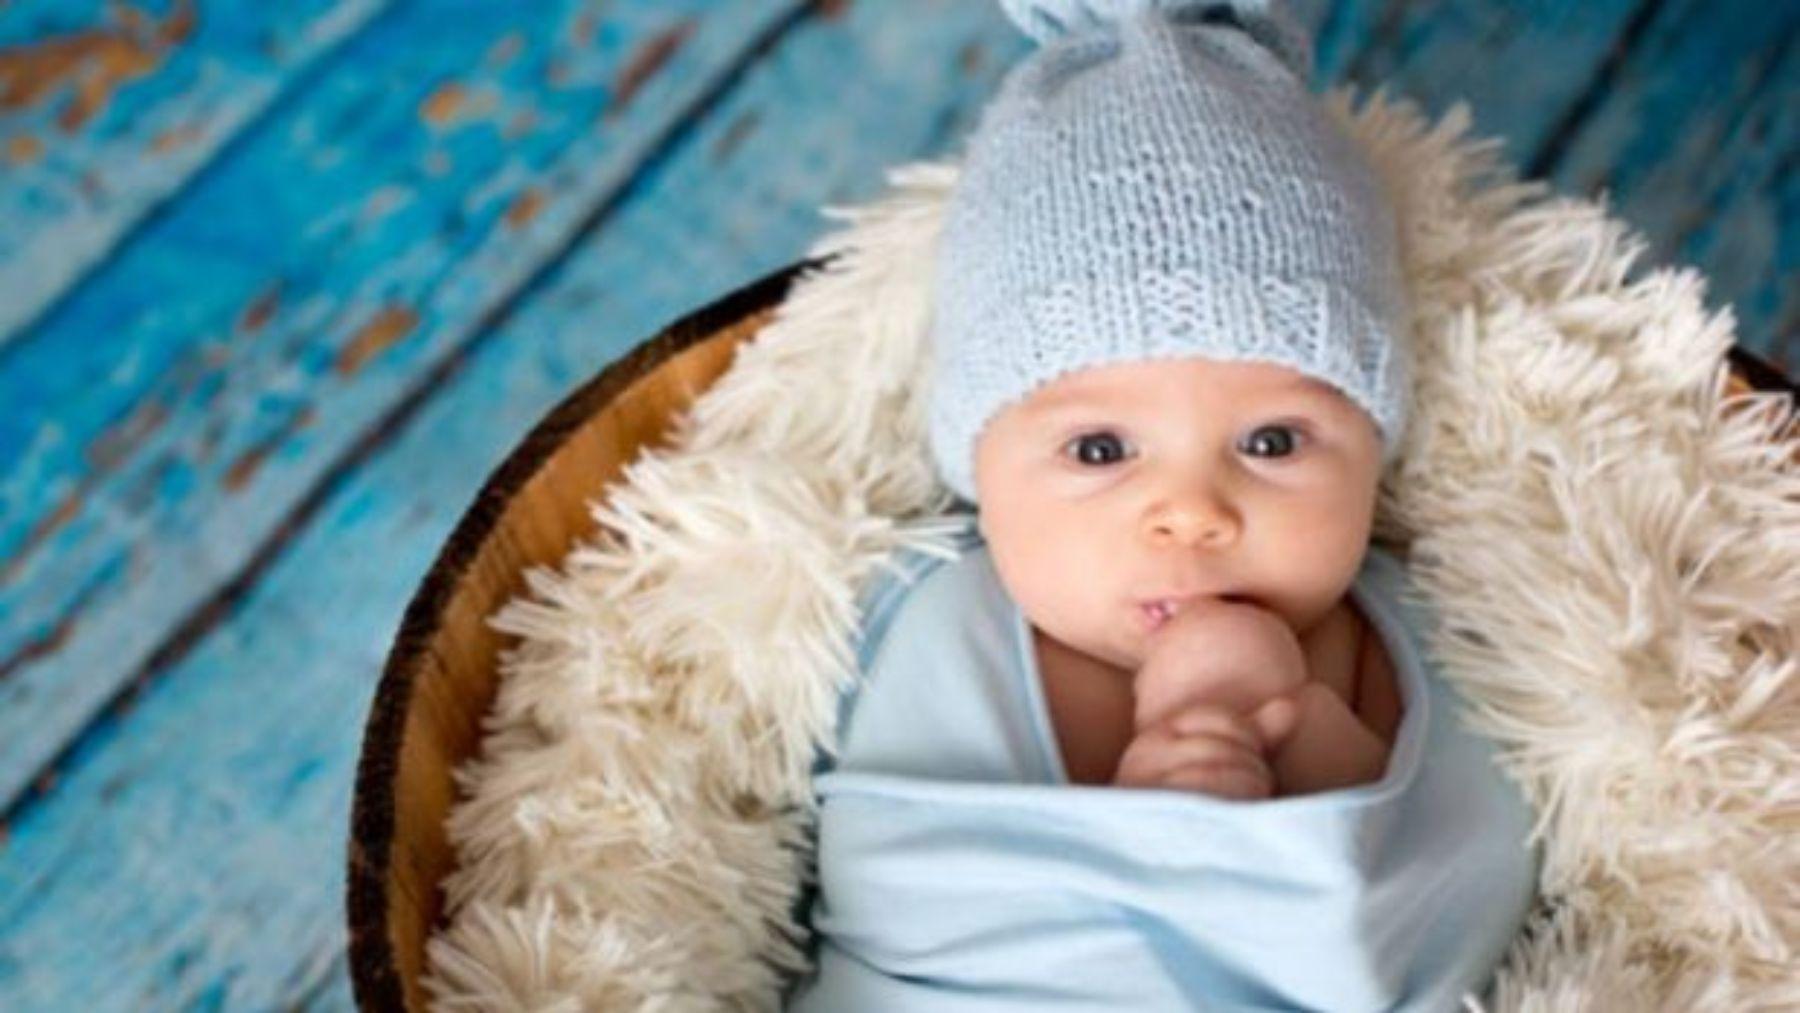 Las mejores frases que dedicar al bebé